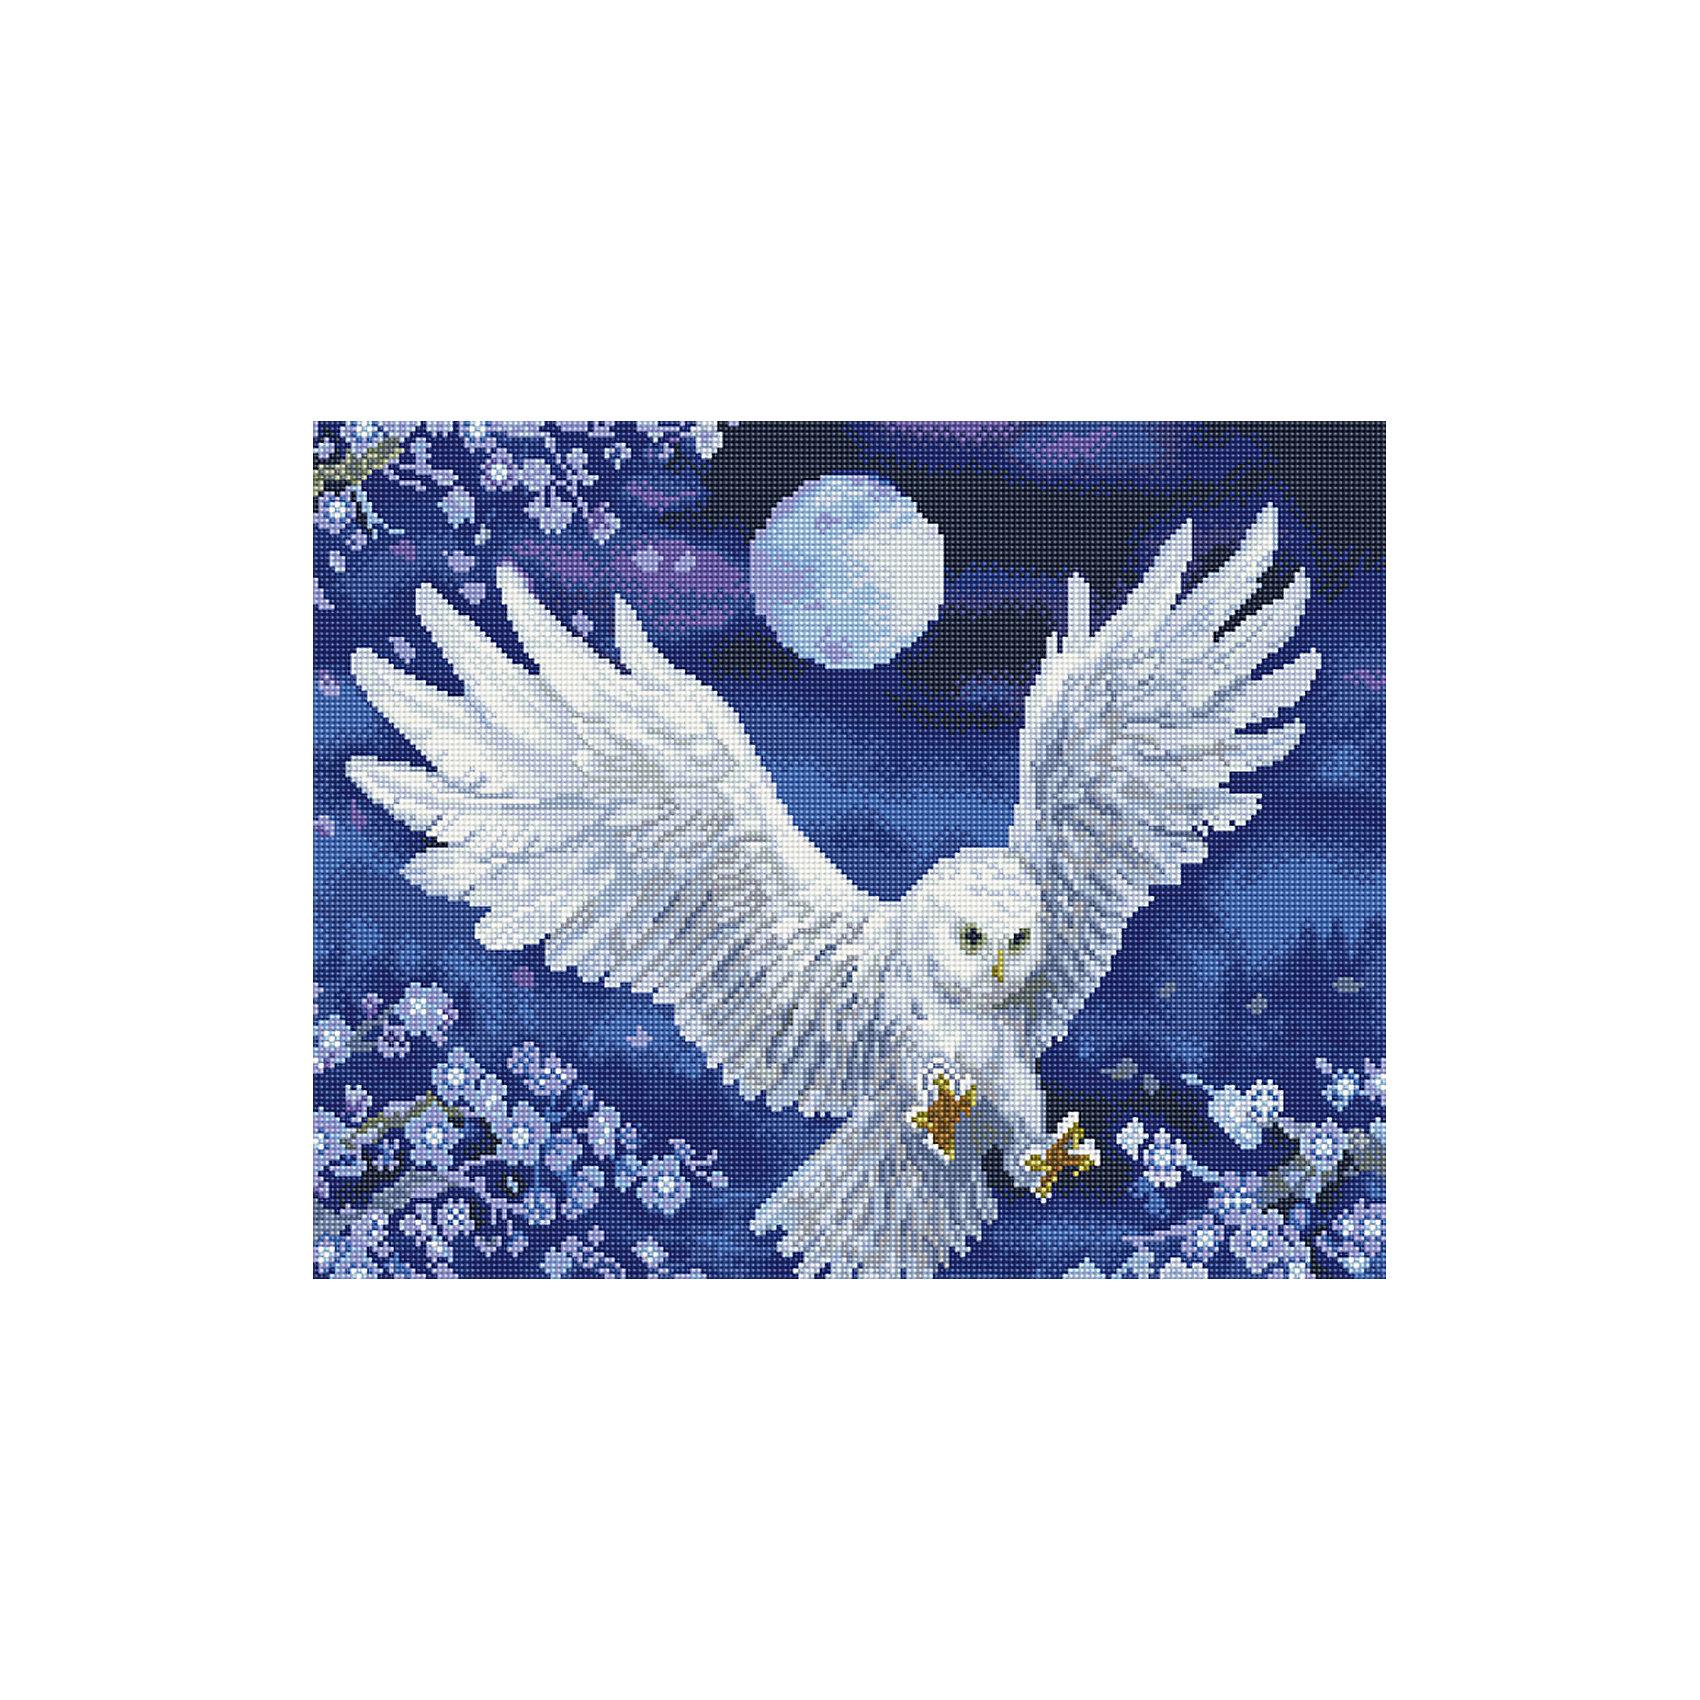 Алмазная мозаика Сипуха 40*50 смХарактеристики:<br><br>• Предназначение: для занятий творчеством в технике алмазной живописи<br>• Тематика: Птицы<br>• Пол: для девочек<br>• Уровень сложности: средний<br>• Материал: дерево, бумага, акрил, пластик<br>• Цвет: белый, серый, голубой, синий и др.<br>• Количество цветов: 26<br>• Комплектация: холст на подрамнике, стразы, пинцет, карандаш для камней, клей, лоток для камней, инструкция<br>• Размеры (Ш*Д): 40*50 см<br>• Тип выкладки камней: сплошное заполнение рисунка<br>• Стразы квадратной формы <br>• Вес: 900 г <br>• Упаковка: картонная коробка<br><br>Алмазная мозаика Сипуха 40*50 см – это набор для создания картины в технике алмазной живописи. Набор для творчества включает в себя холст, на который нанесена схема рисунка, комплекта разноцветных страз квадратной формы, подрамника и инструментов для выкладки узора. Все использованные в наборе материалы экологичные и нетоксичные. Картина выполняется в технике сплошного заполнения декоративными элементами поверхности холста, что обеспечивает высокую реалистичность рисунка. На схеме изображена сипуха в полете.<br>Готовые наборы для алмазной мозаики – это оптимальный вариант для любителей рукоделия, так как в них предусмотрены все материалы в требуемом для изготовления картины количестве. Занятия алмазной живописью позволят развивать навыки чтения схем, выполнения заданий по образцу, будут способствовать внимательности, терпению и развитию мелкой моторики. <br>Наборы алмазной мозаики могут быть преподнесены в качестве подарка не только девочкам, но и взрослым любительницам рукоделия.<br><br>Алмазную мозаику Сипуха 40*50 см можно купить в нашем интернет-магазине.<br><br>Ширина мм: 420<br>Глубина мм: 520<br>Высота мм: 50<br>Вес г: 900<br>Возраст от месяцев: 96<br>Возраст до месяцев: 2147483647<br>Пол: Женский<br>Возраст: Детский<br>SKU: 5217158